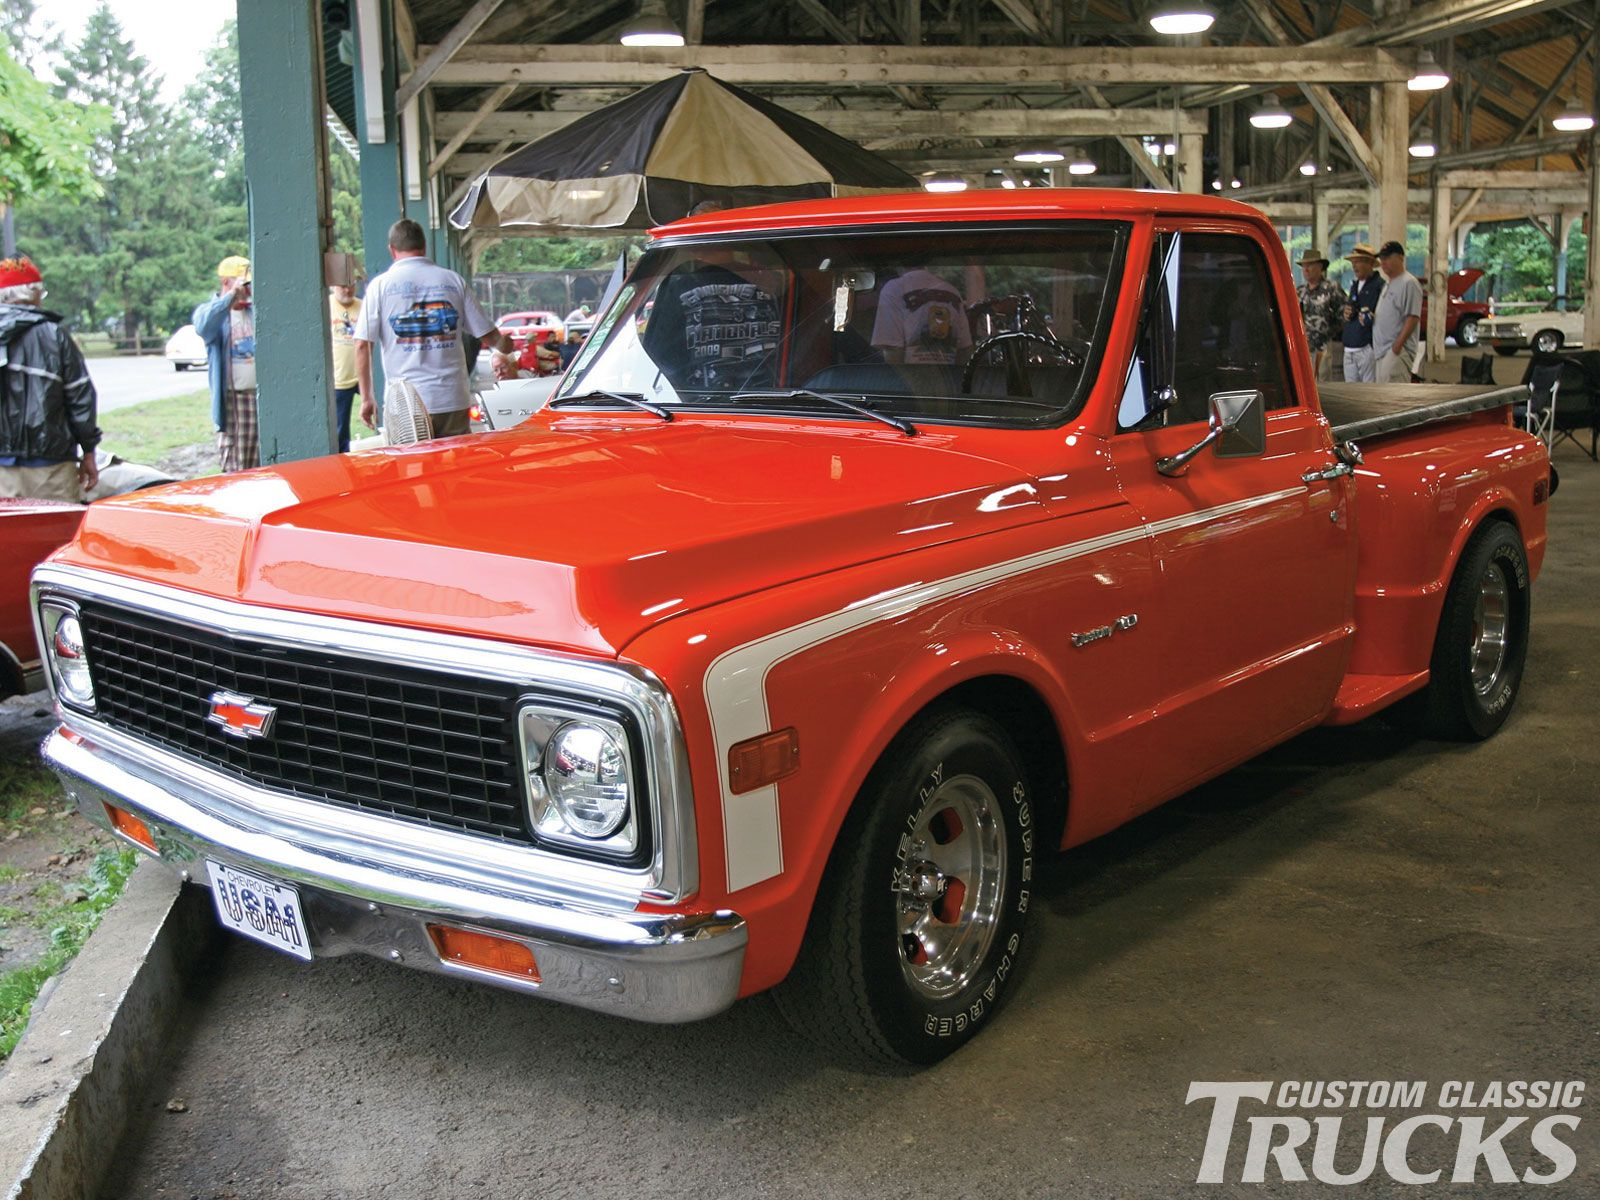 Custom 67 72 Chevy Trucks  Edited by user Thursday December 30